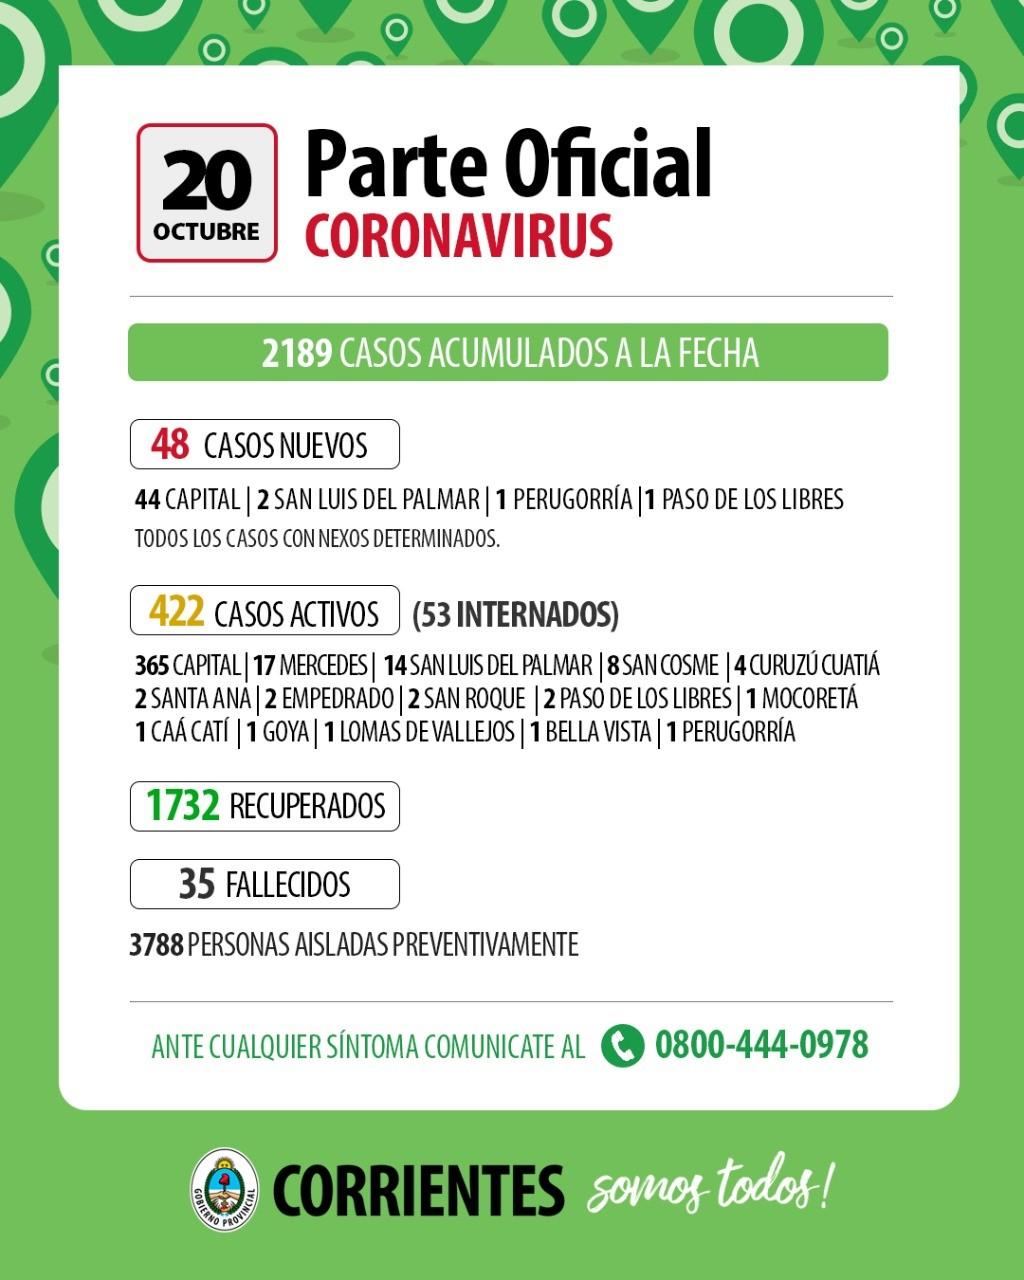 Curva ascendente : 48 casos nuevos hoy en Corrientes